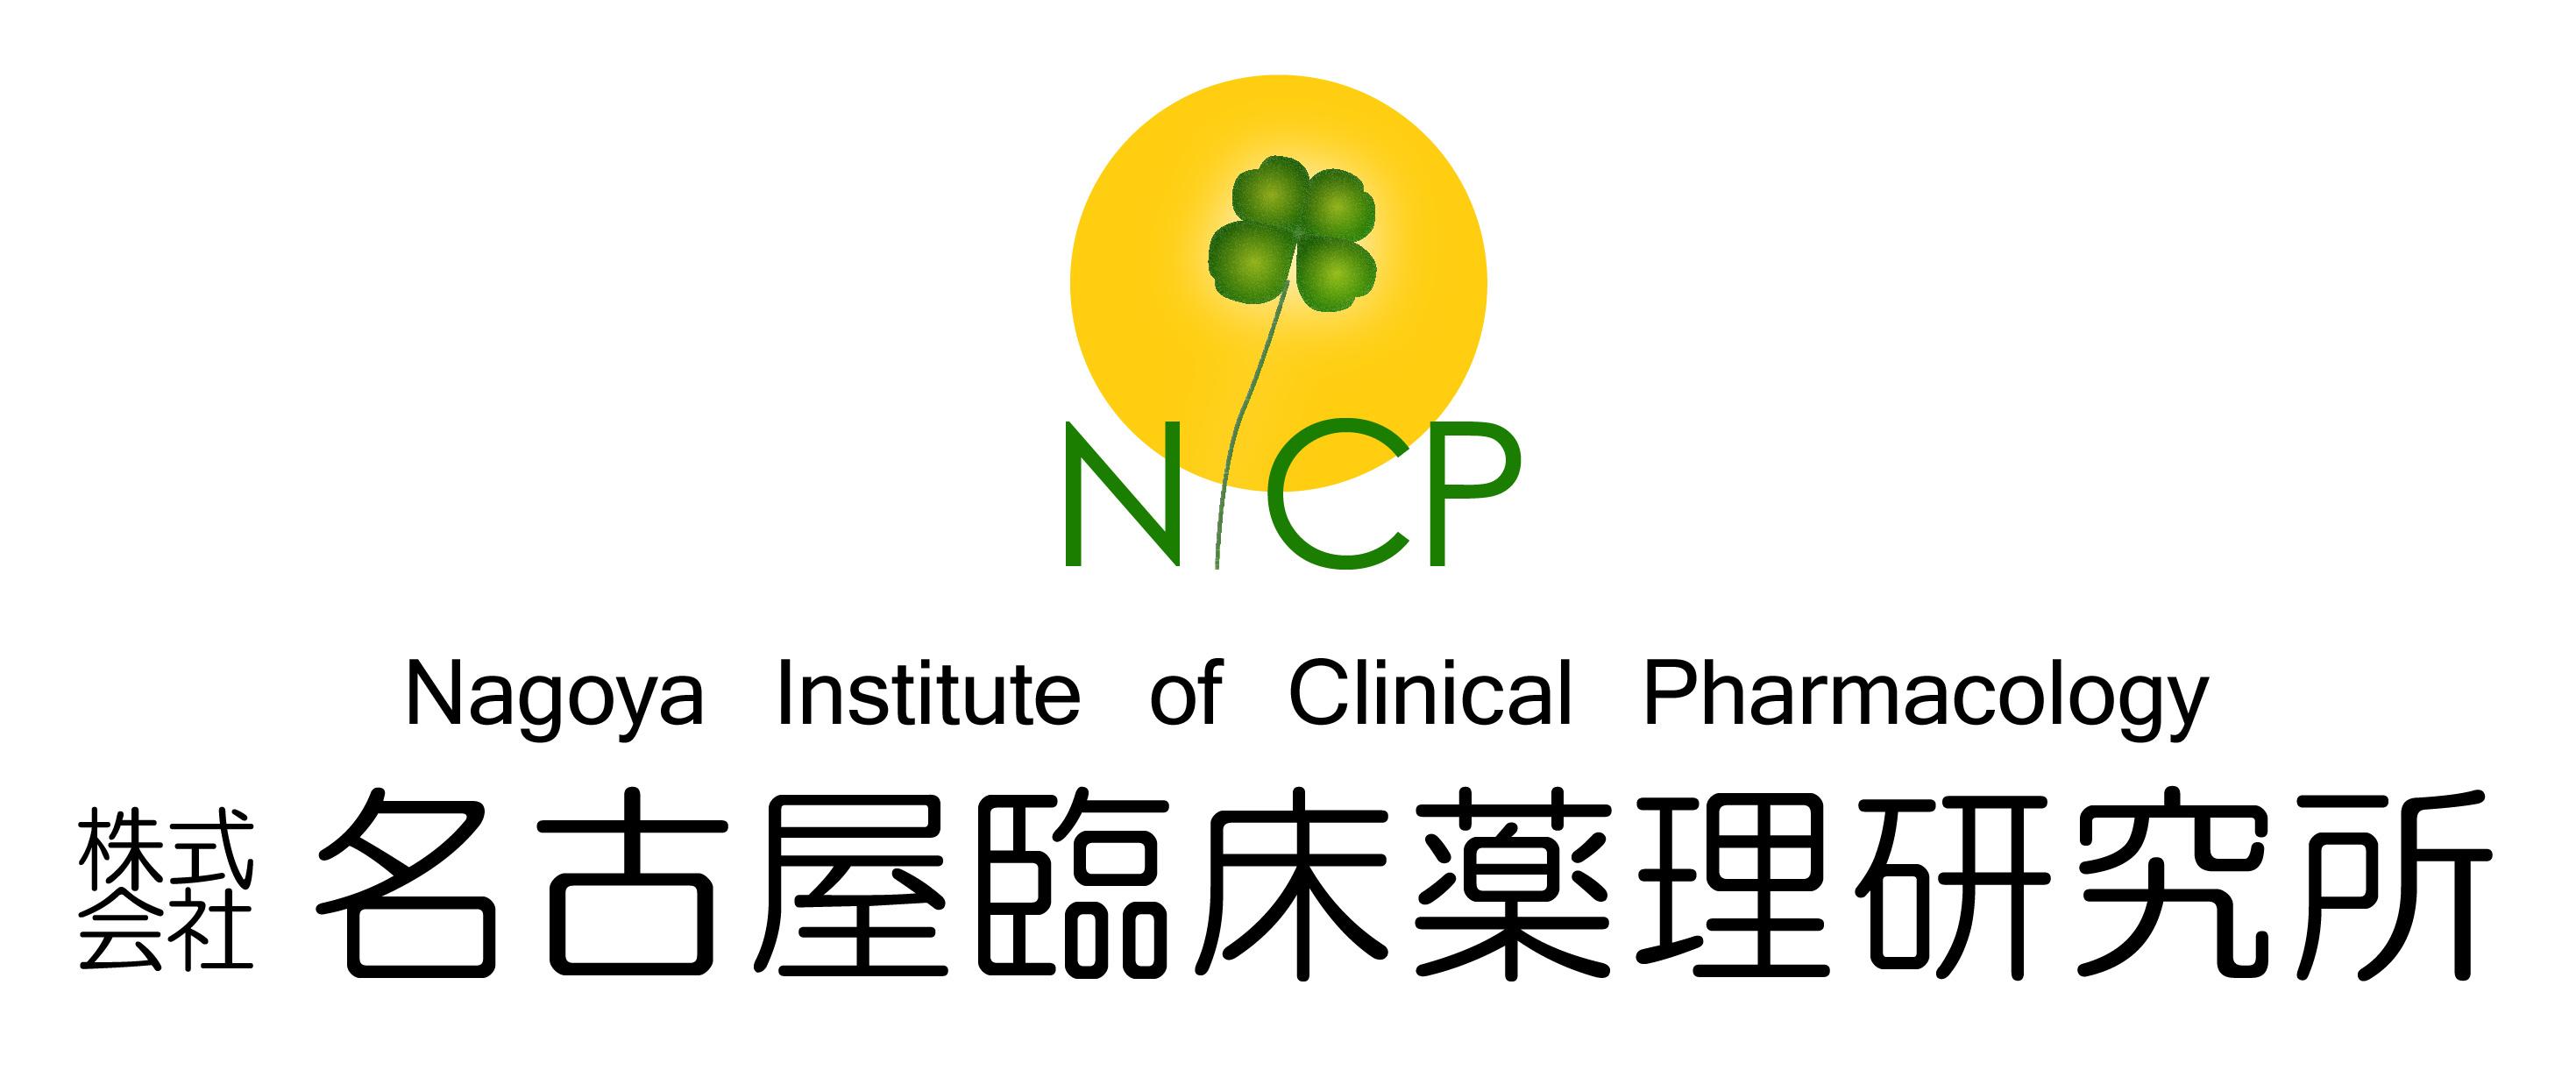 医工連携、産学連携をコーディネート 株式会社名古屋臨床薬理研究所